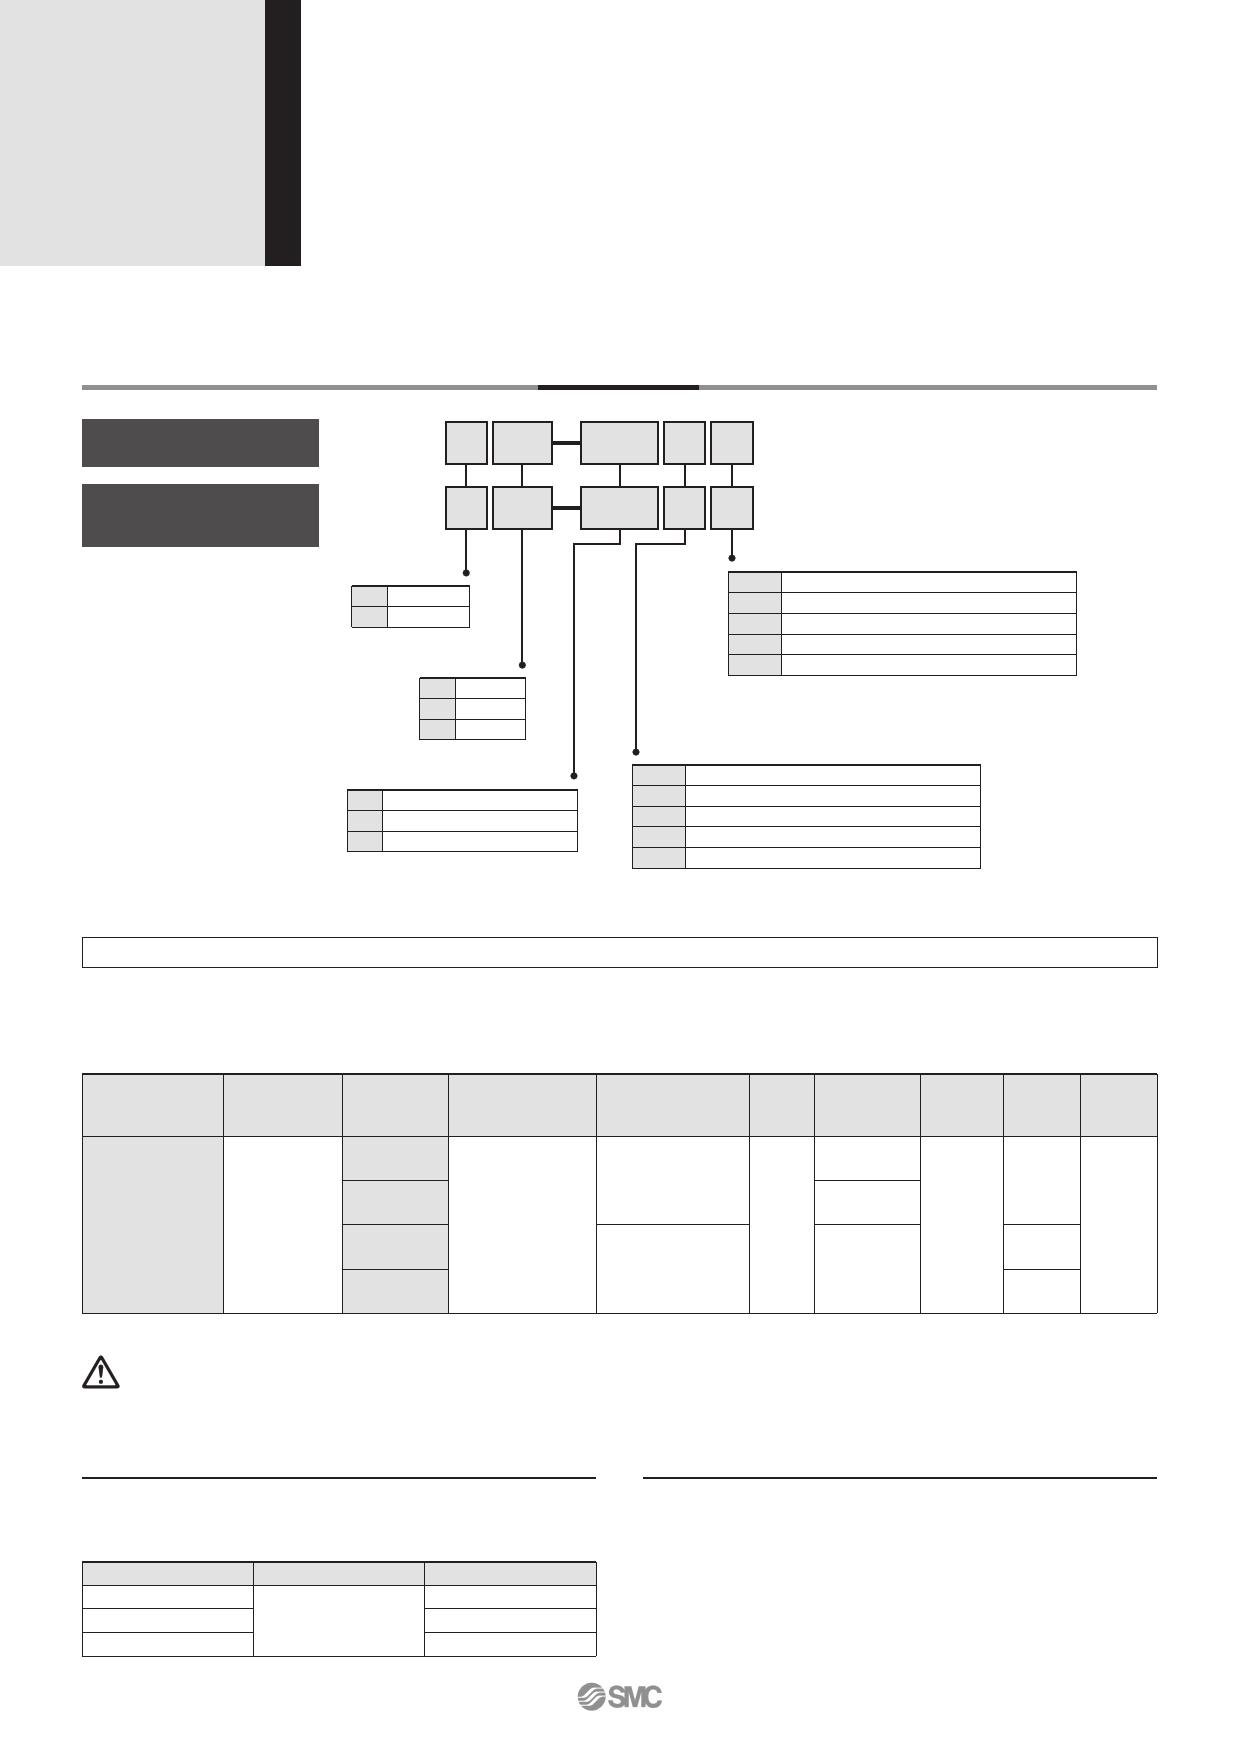 D-P74x datasheet